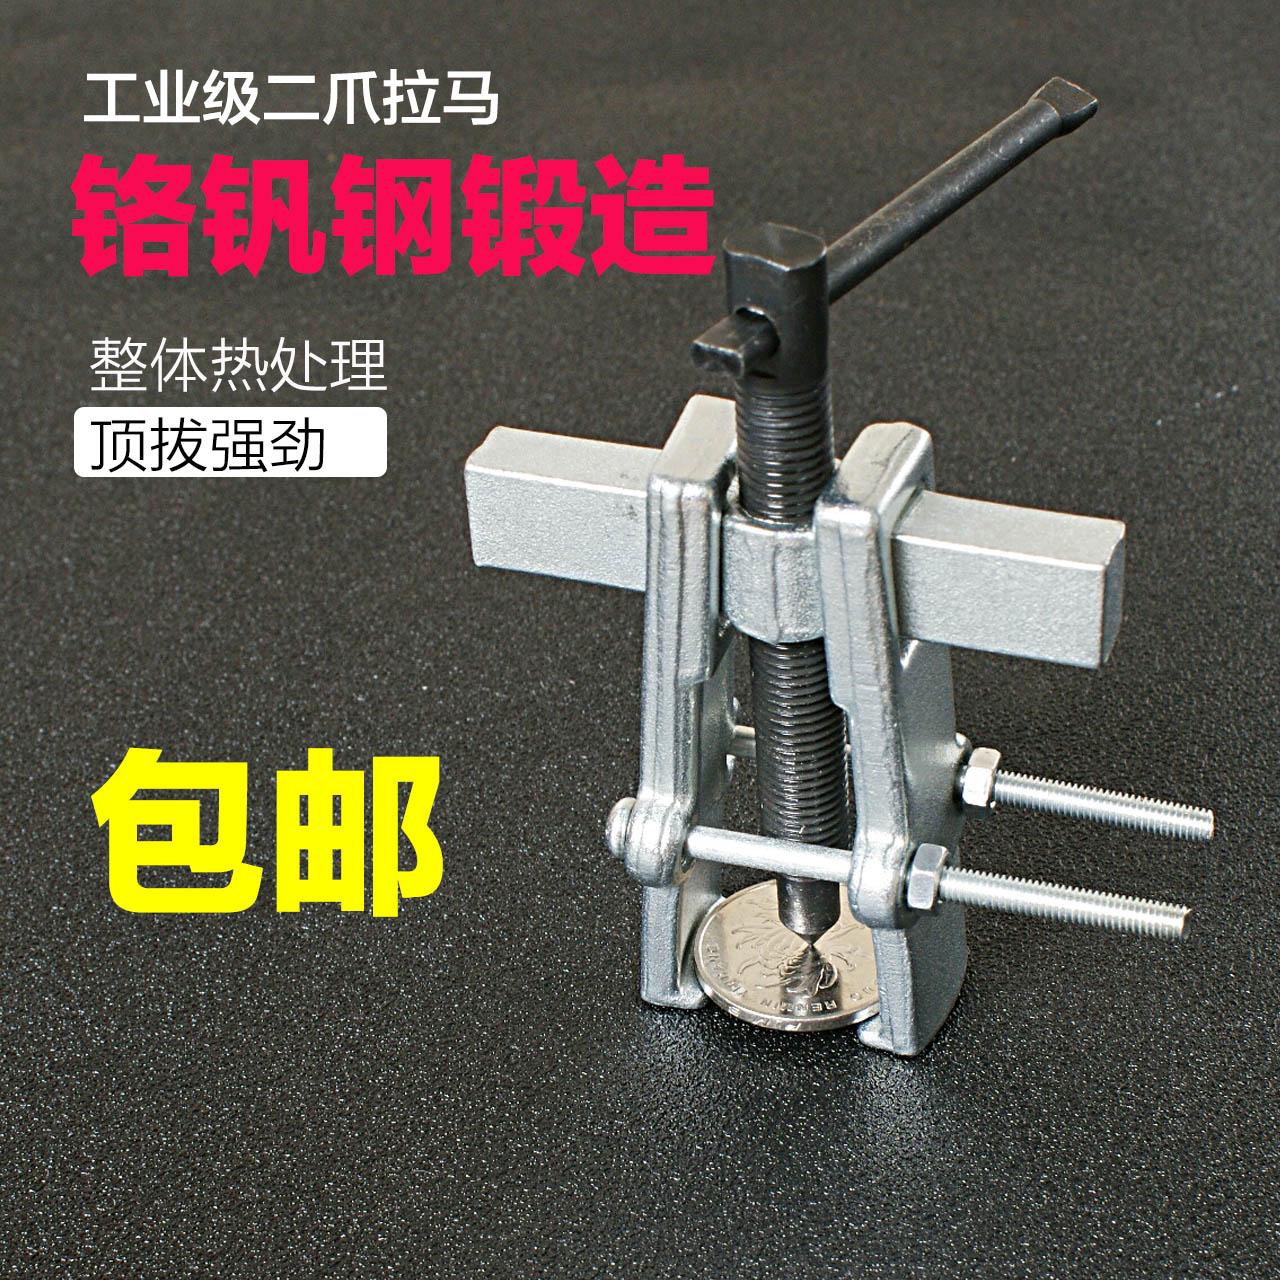 Инструмент для снятия подшипника двухъядерный съемник многофункциональный 4-дюймовый 8-дюймовый маленький двухдвигательный съемник съемник с двумя челюстями